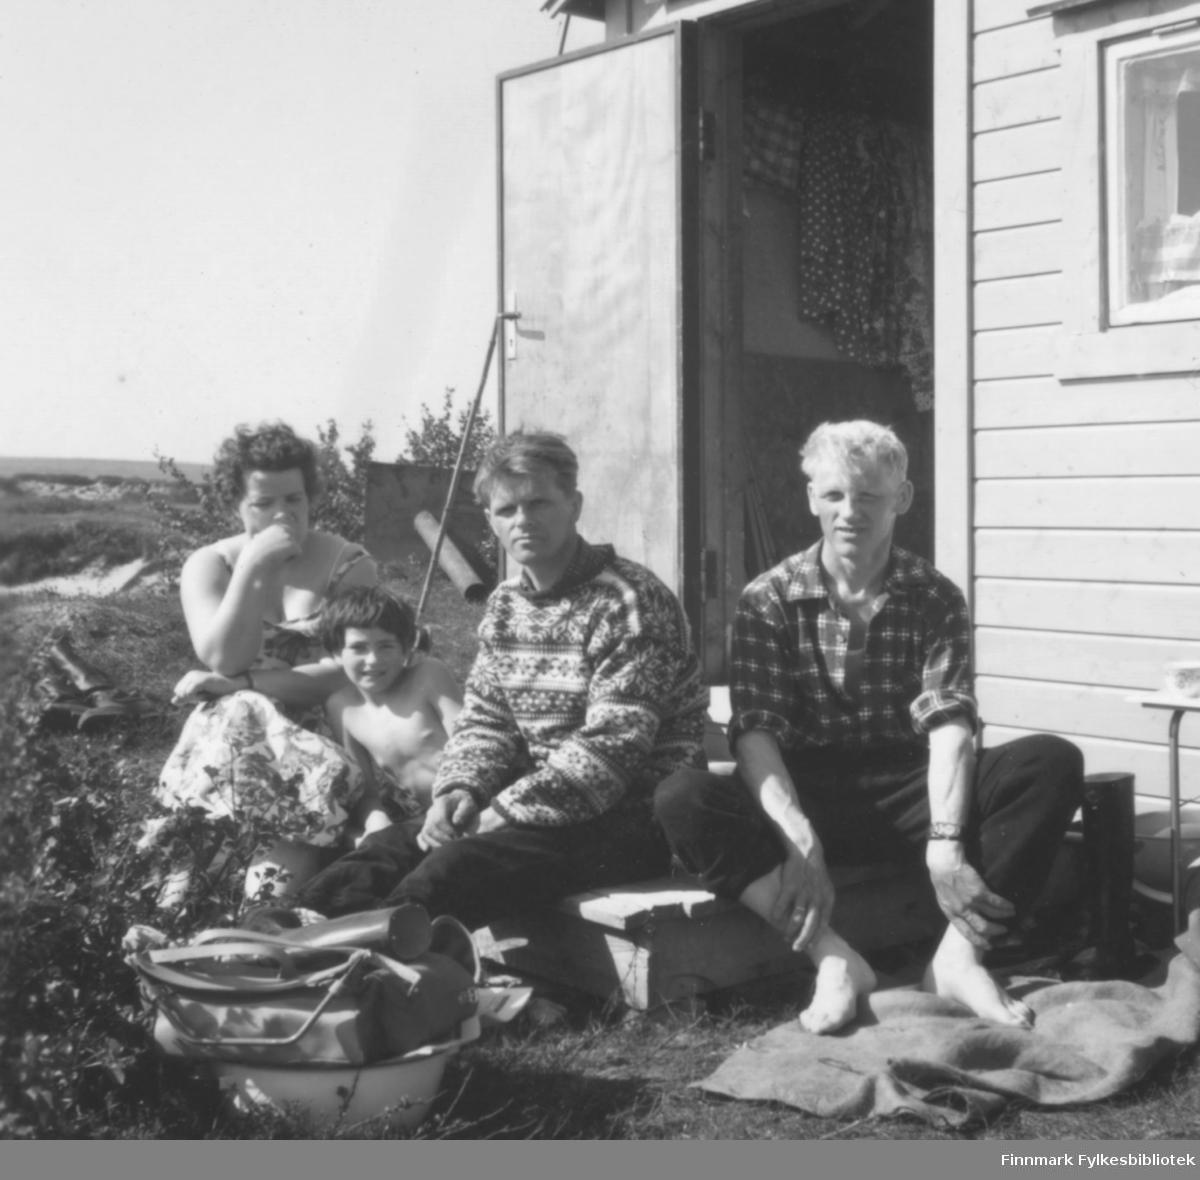 I 1960 var Erling og Bjarne Feldt på fisketur i Ridelva, og var på besøk hos familien Ebeltofts hytte. Fra venstre: Ragnhild og Torill Ebeltoft, Erling og Bjarne Feldt